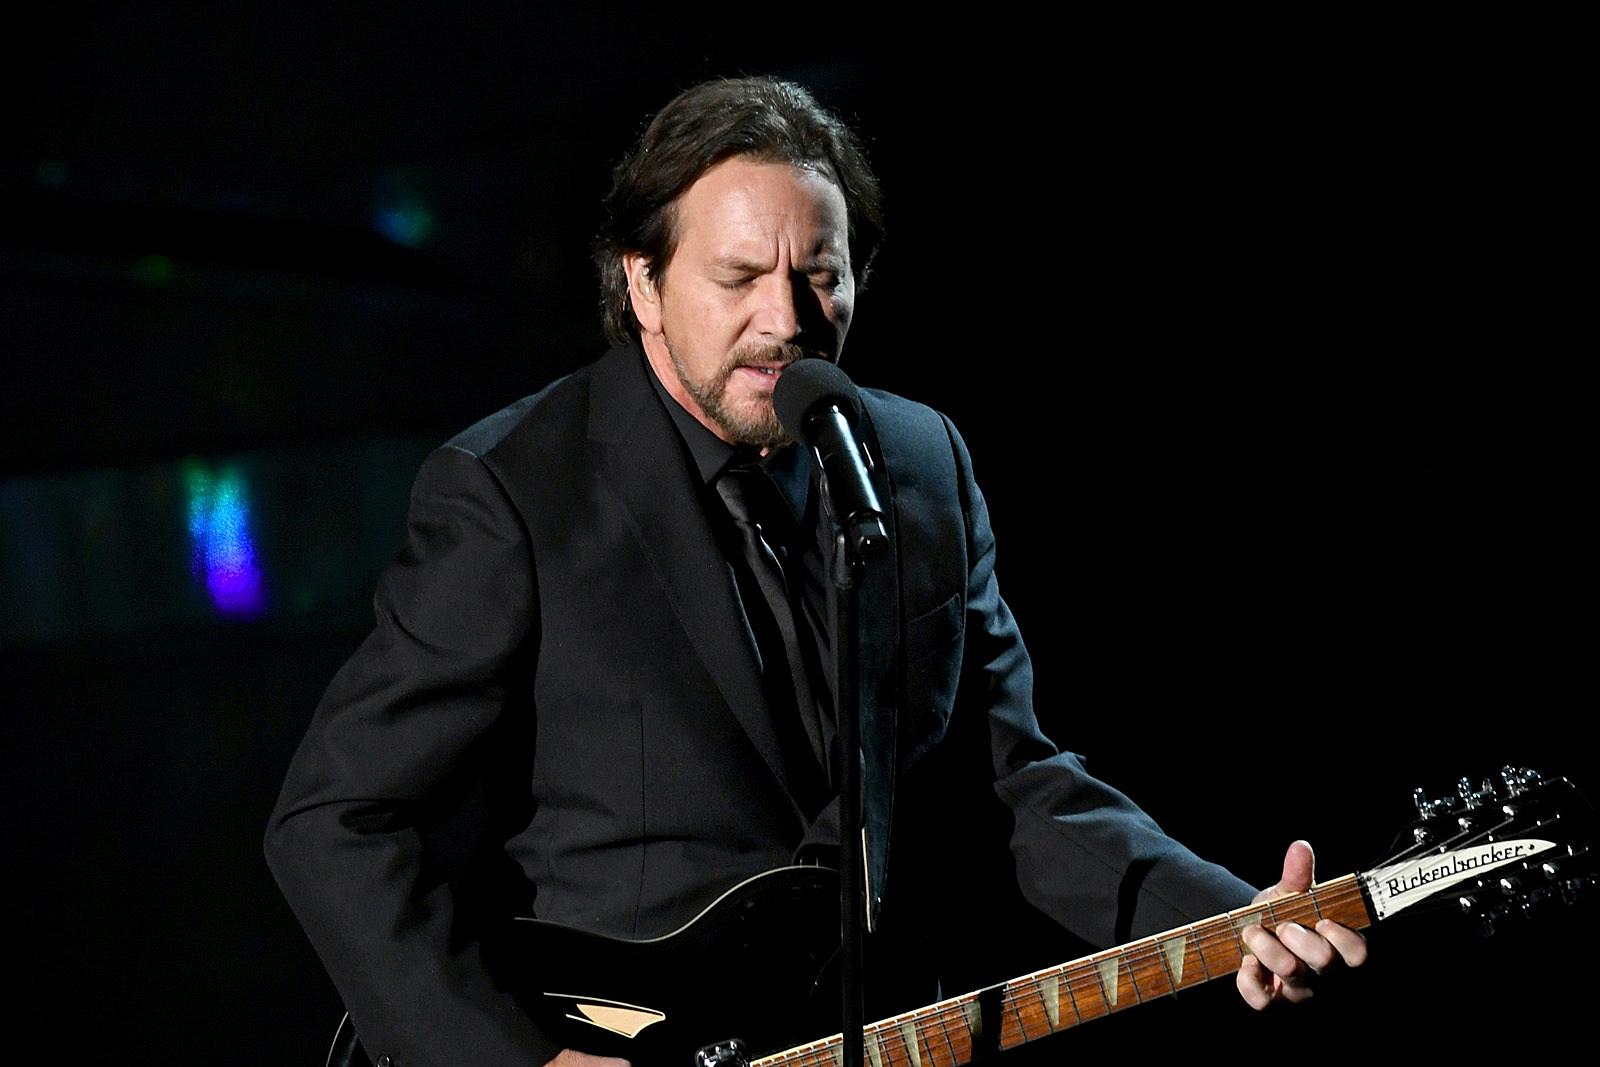 Eddie Vedder 'Completely' Loses Voice, Pearl Jam Show Postponed